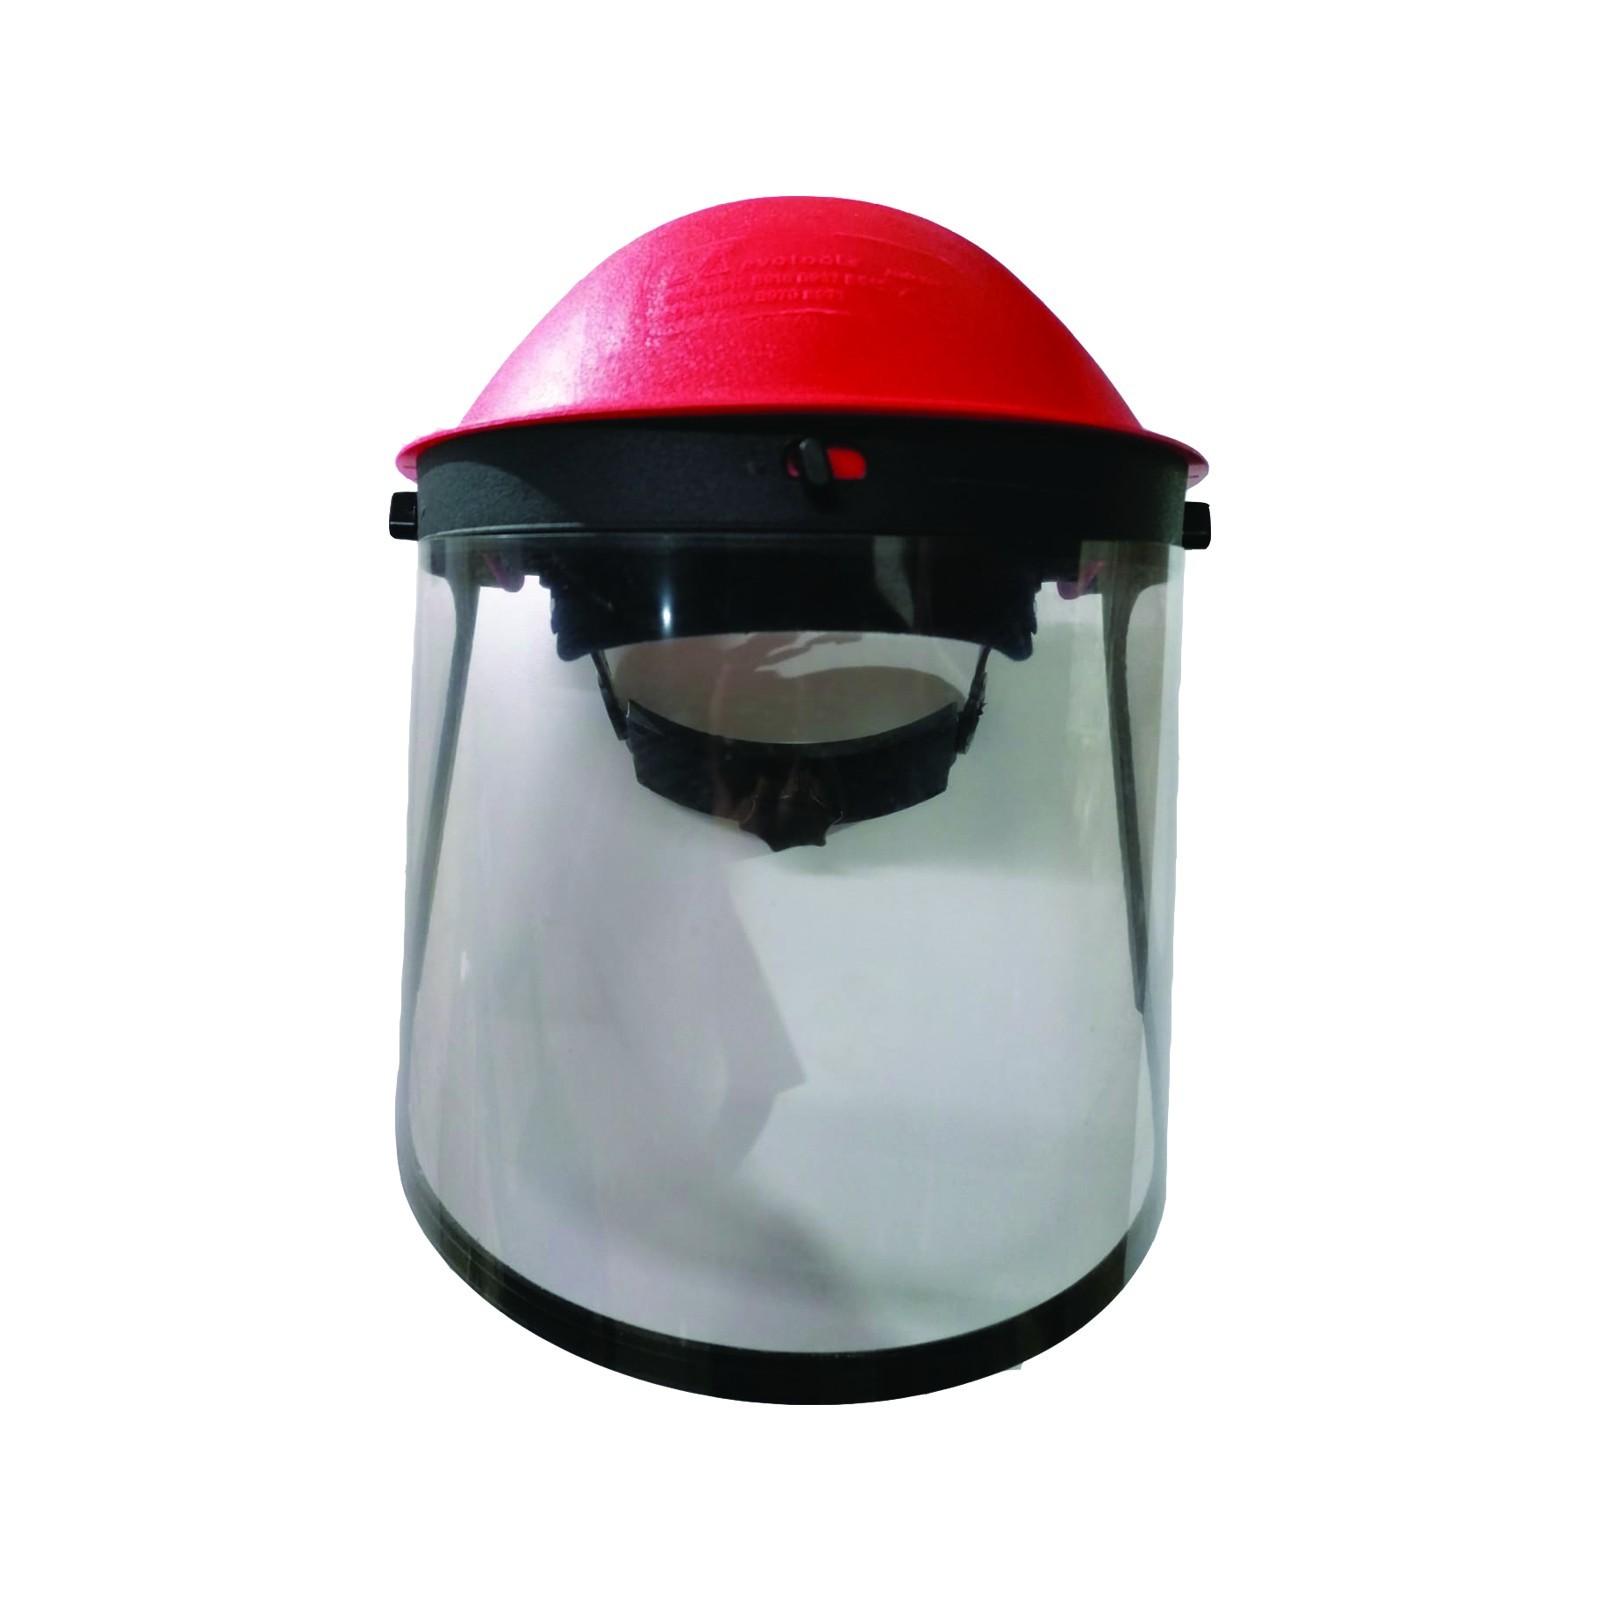 Masca Protectie cu Viziera PVC imagine techstar.ro 2021